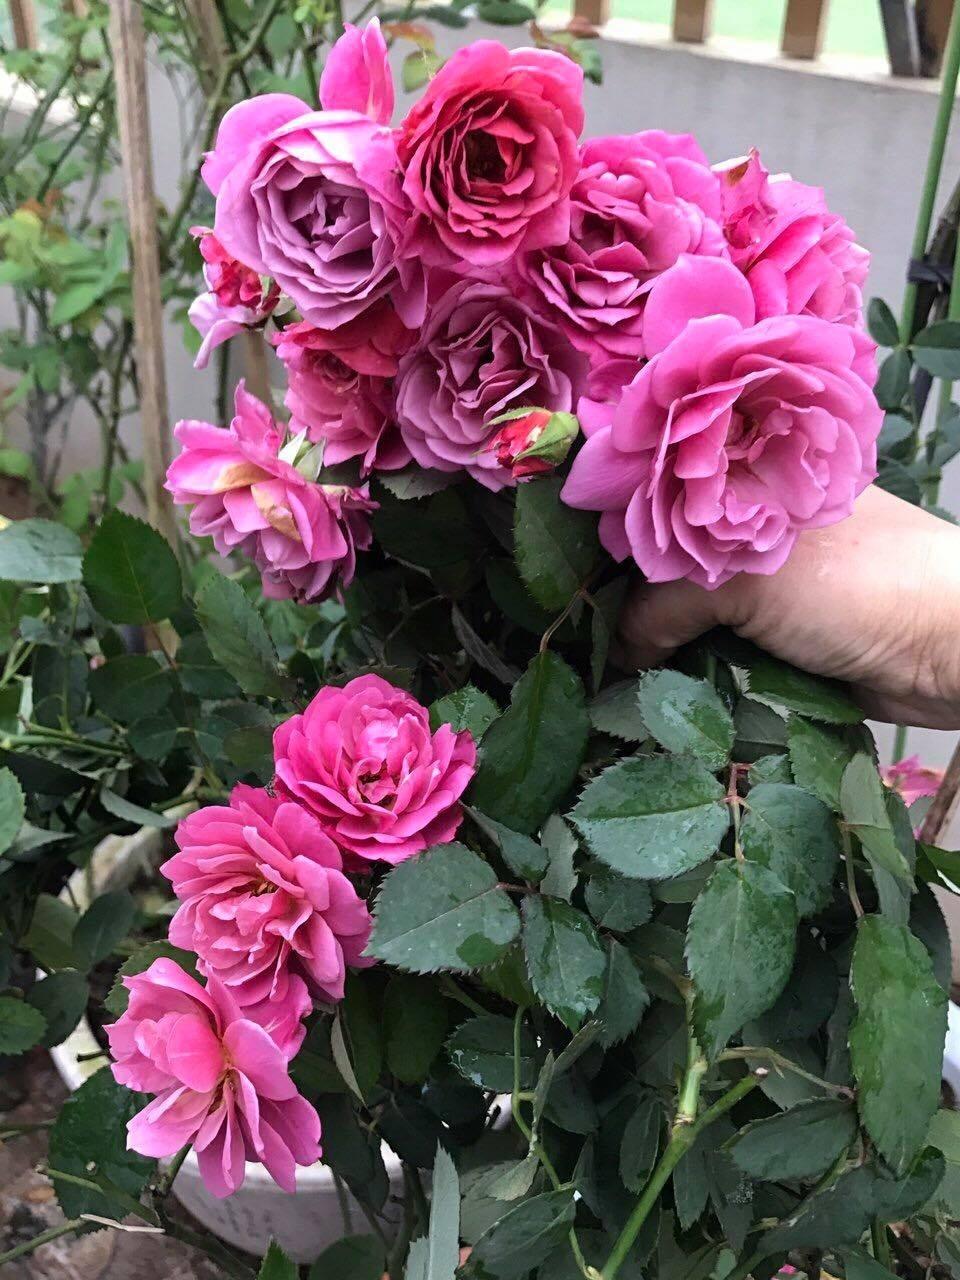 Sân thượng nhỏ chứa cả trăm gốc hồng đẹp mê hoặc của mẹ ba con ở Hà Nội-10